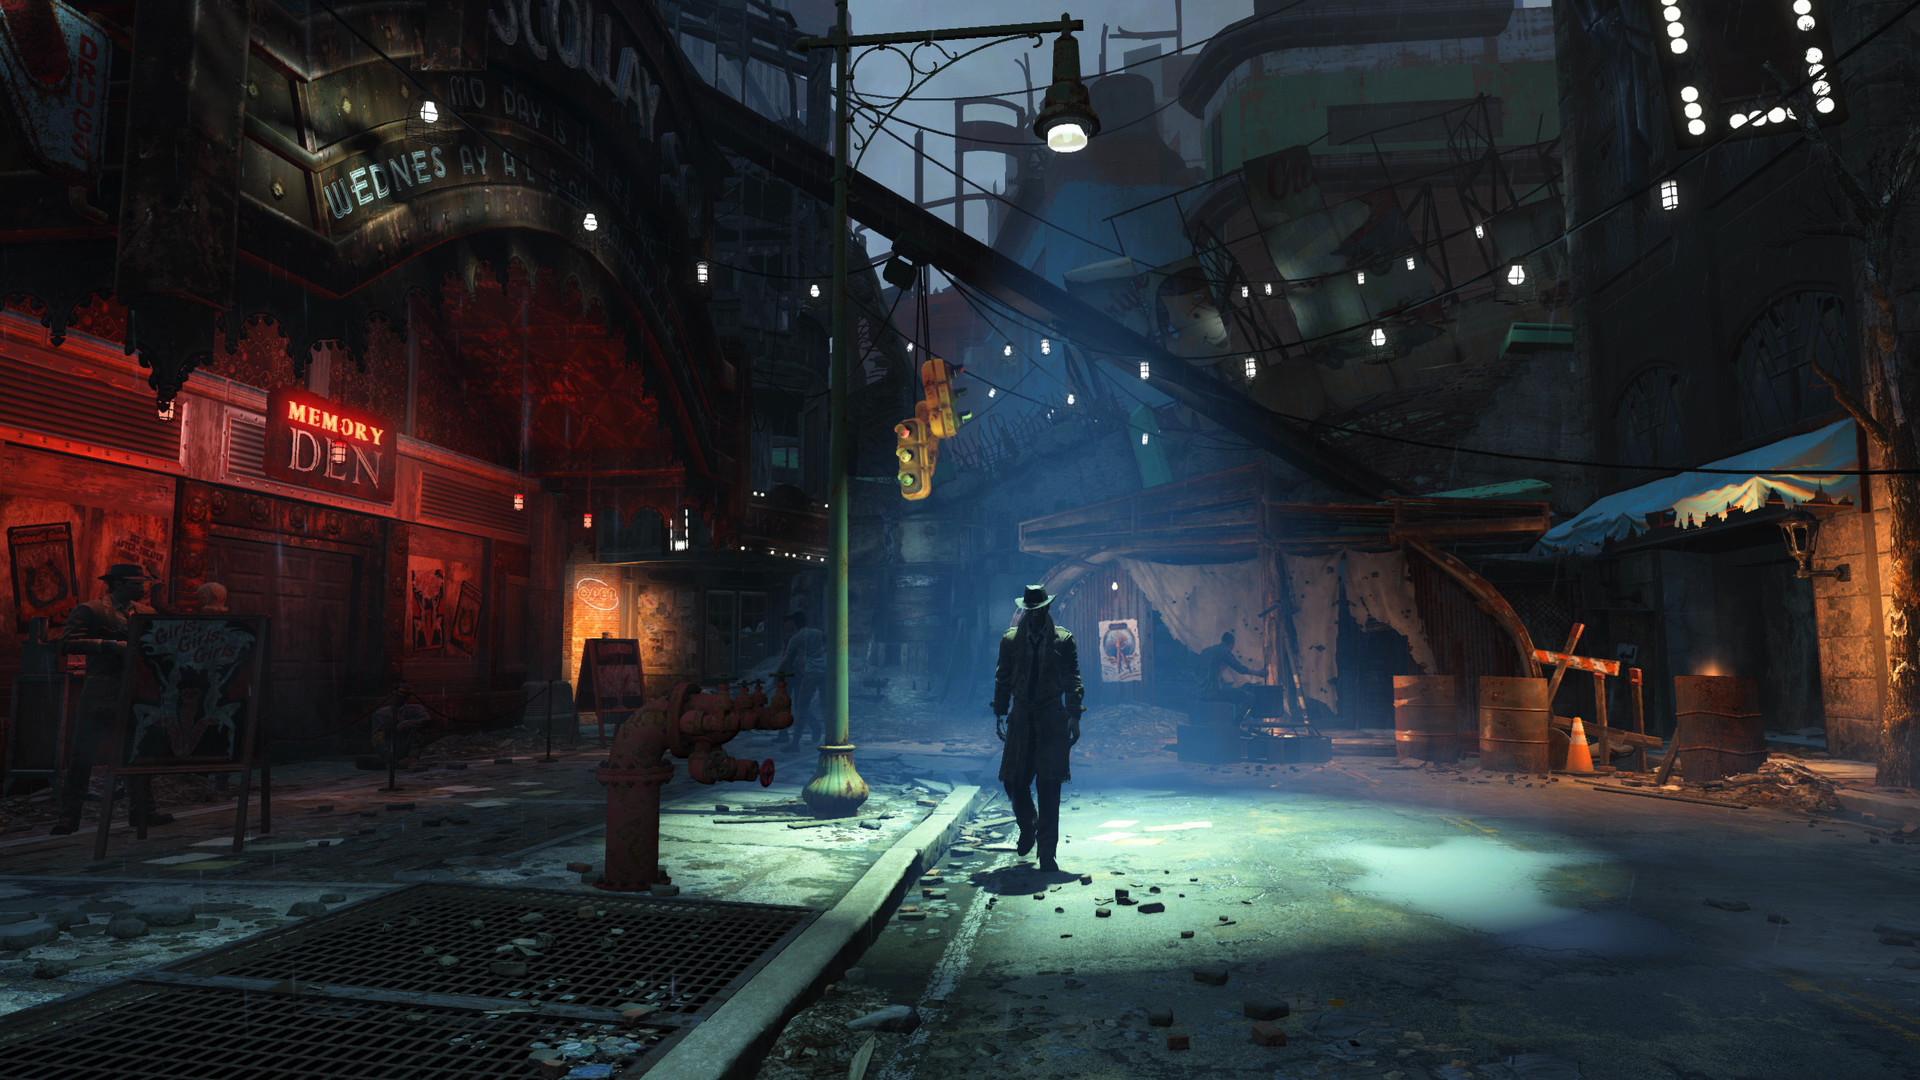 Fallout 4 (Steam key) RU CIS + gift 2019